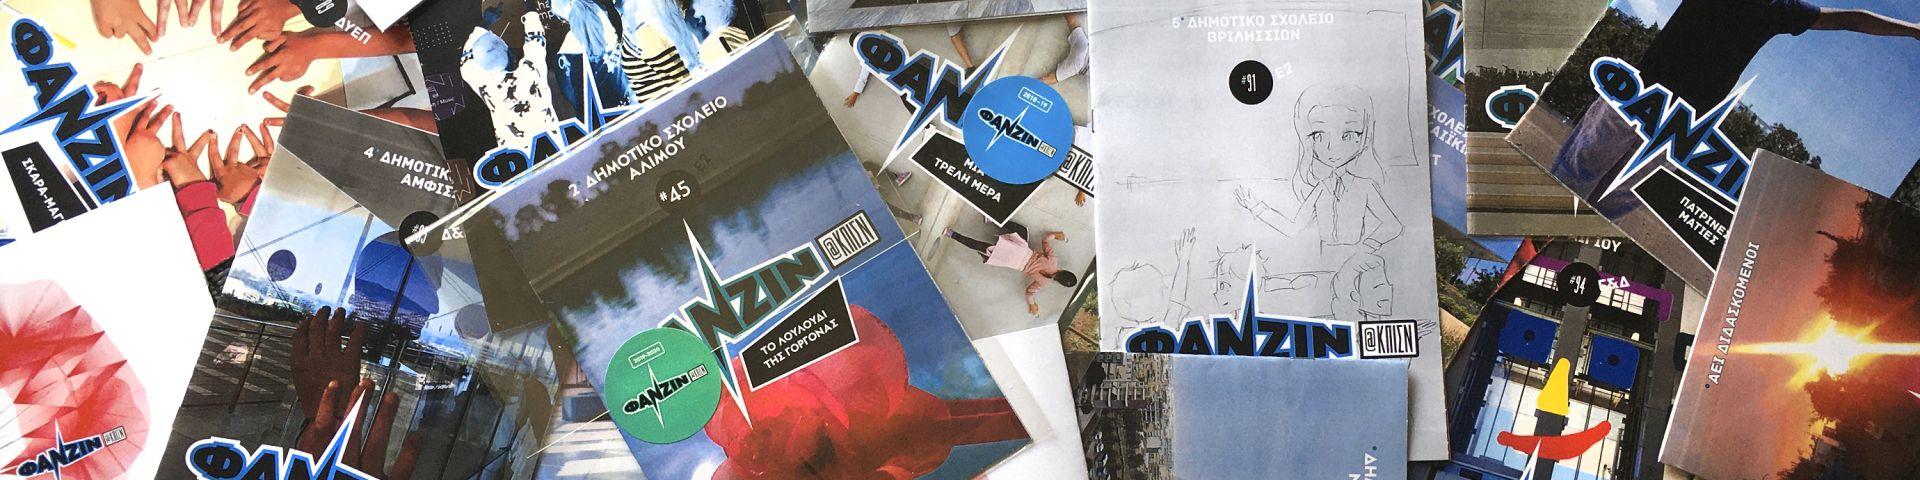 Φωτογραφία από αυτοσχέδια περιοδικά και κόμικ